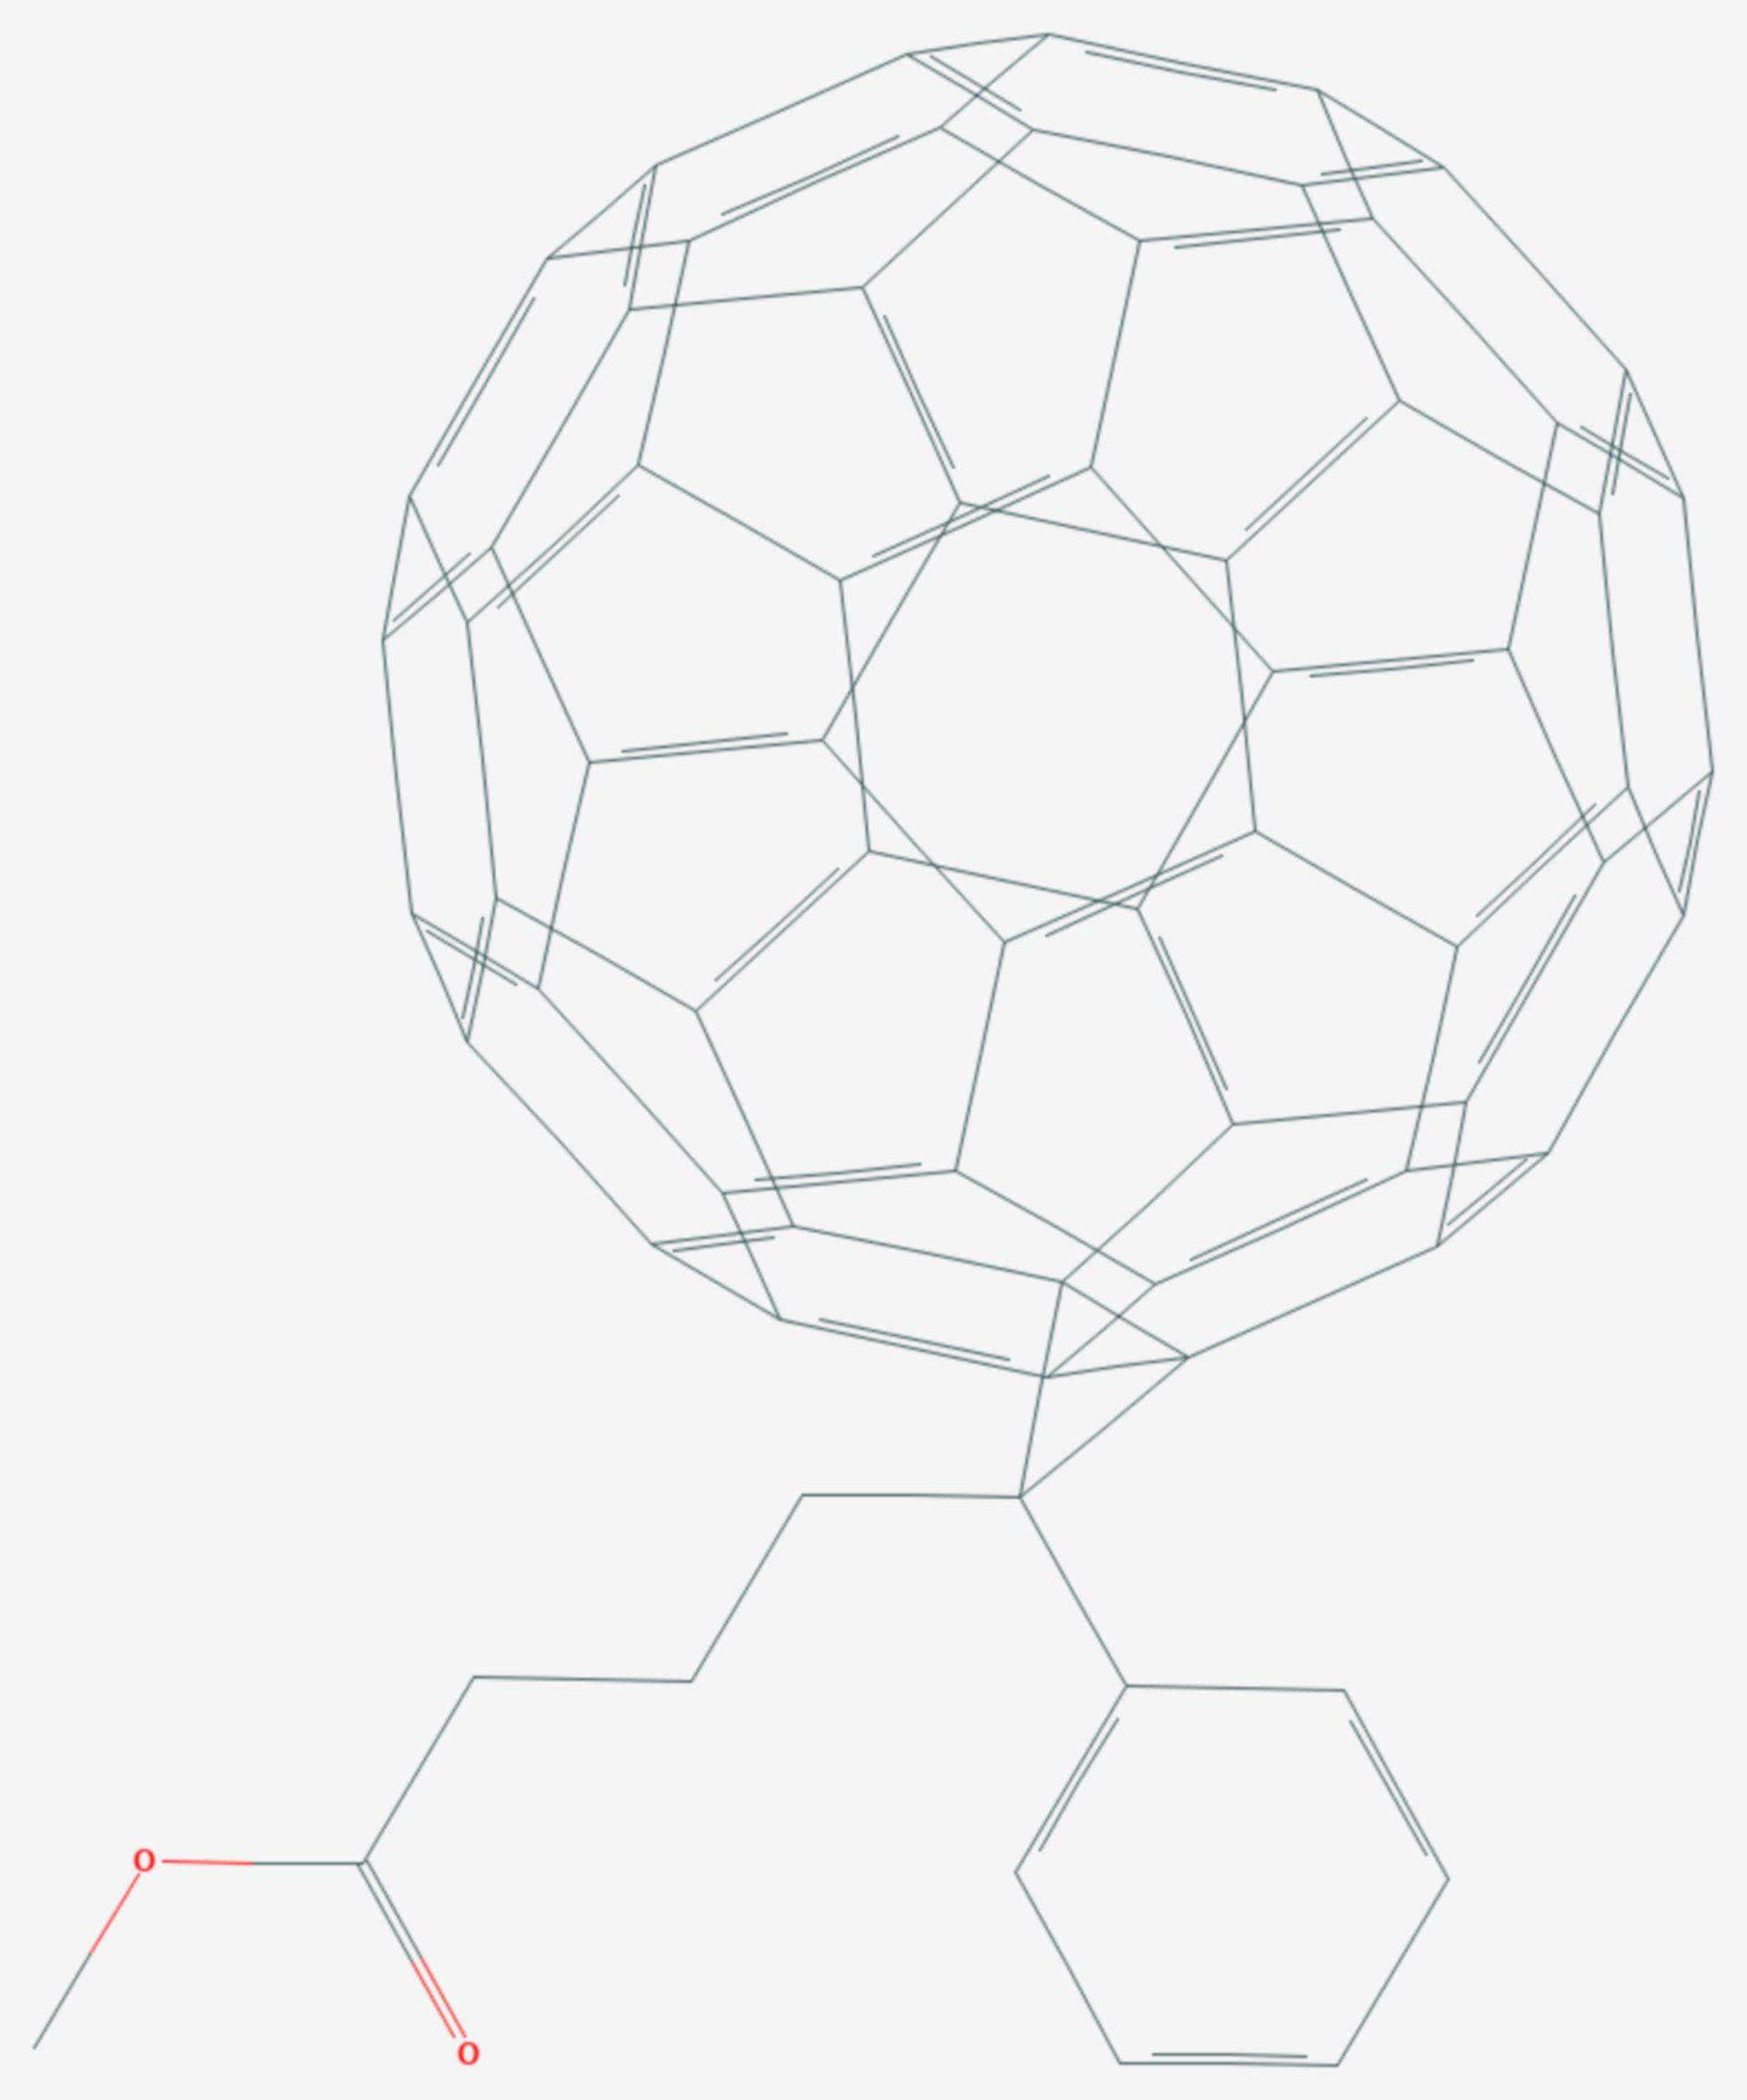 PCBM (Strukturformel)